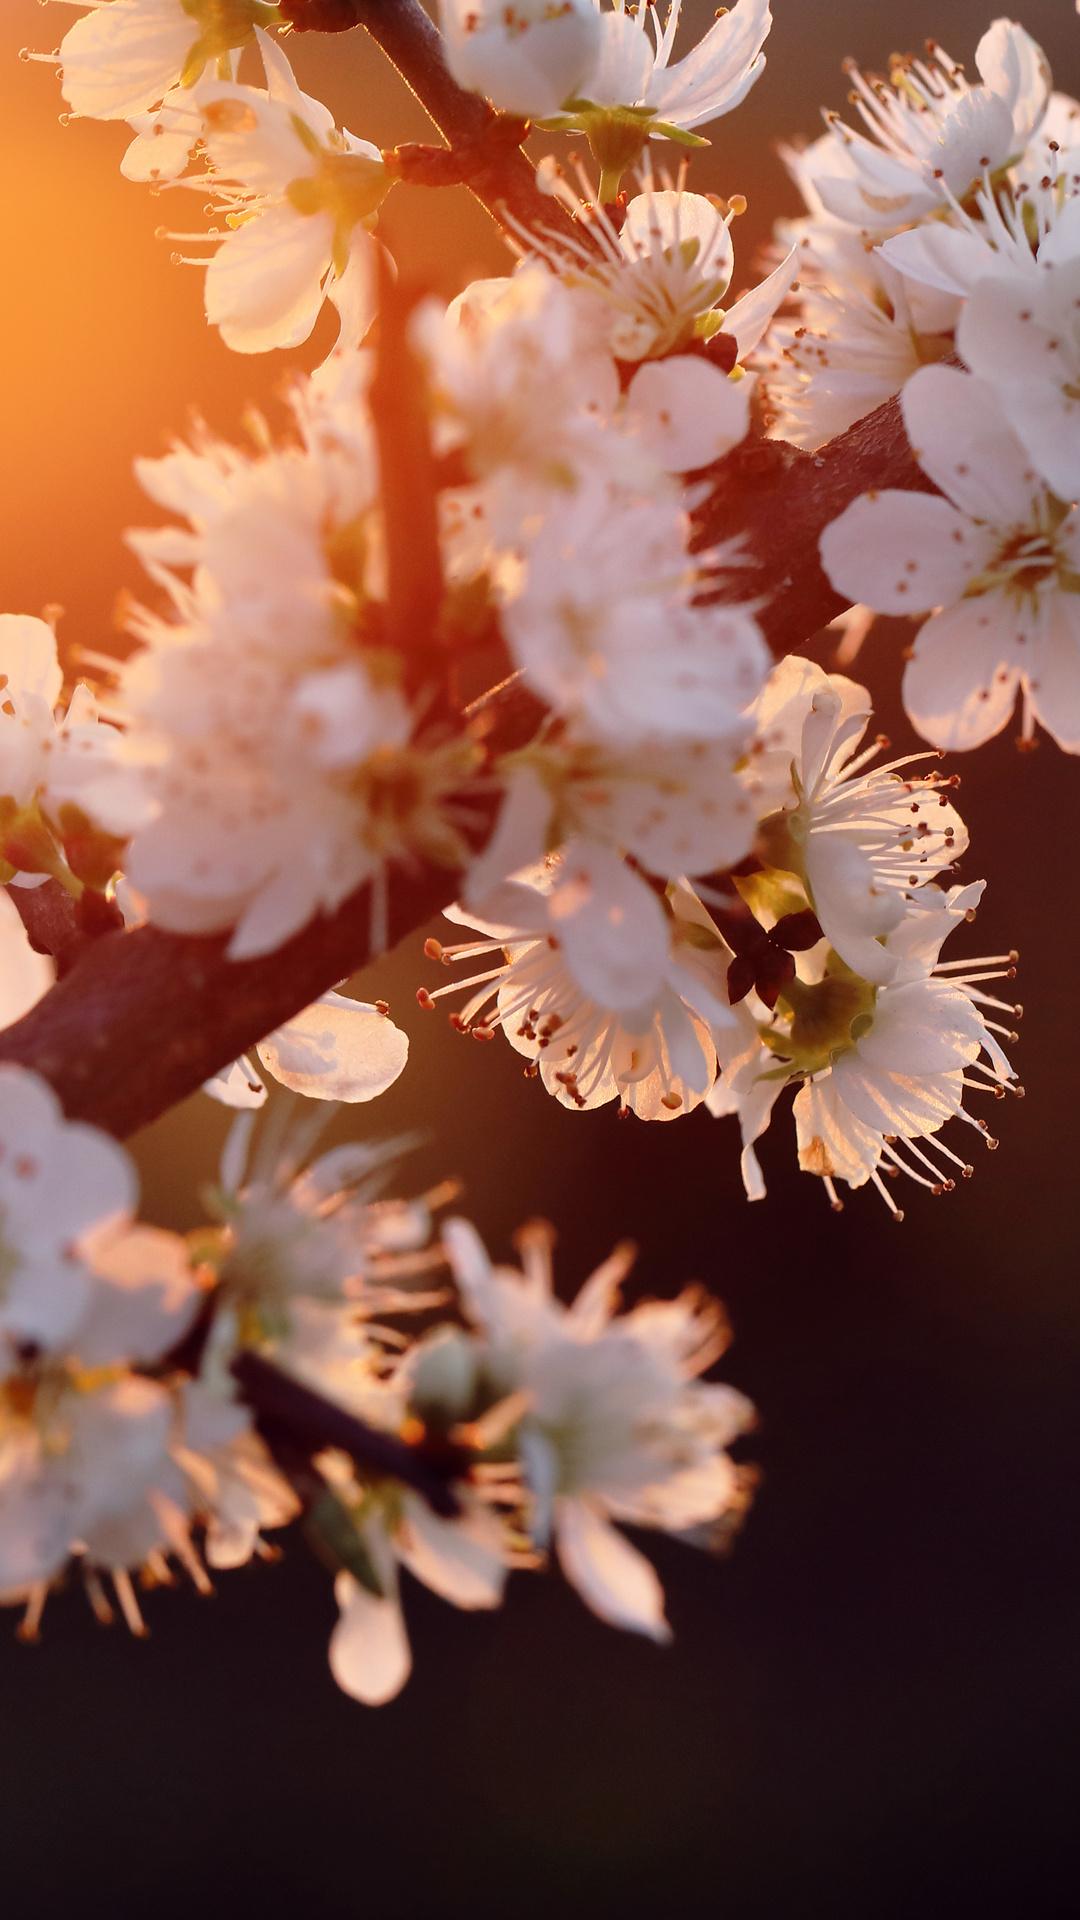 cherry-blossom-5k-ko.jpg